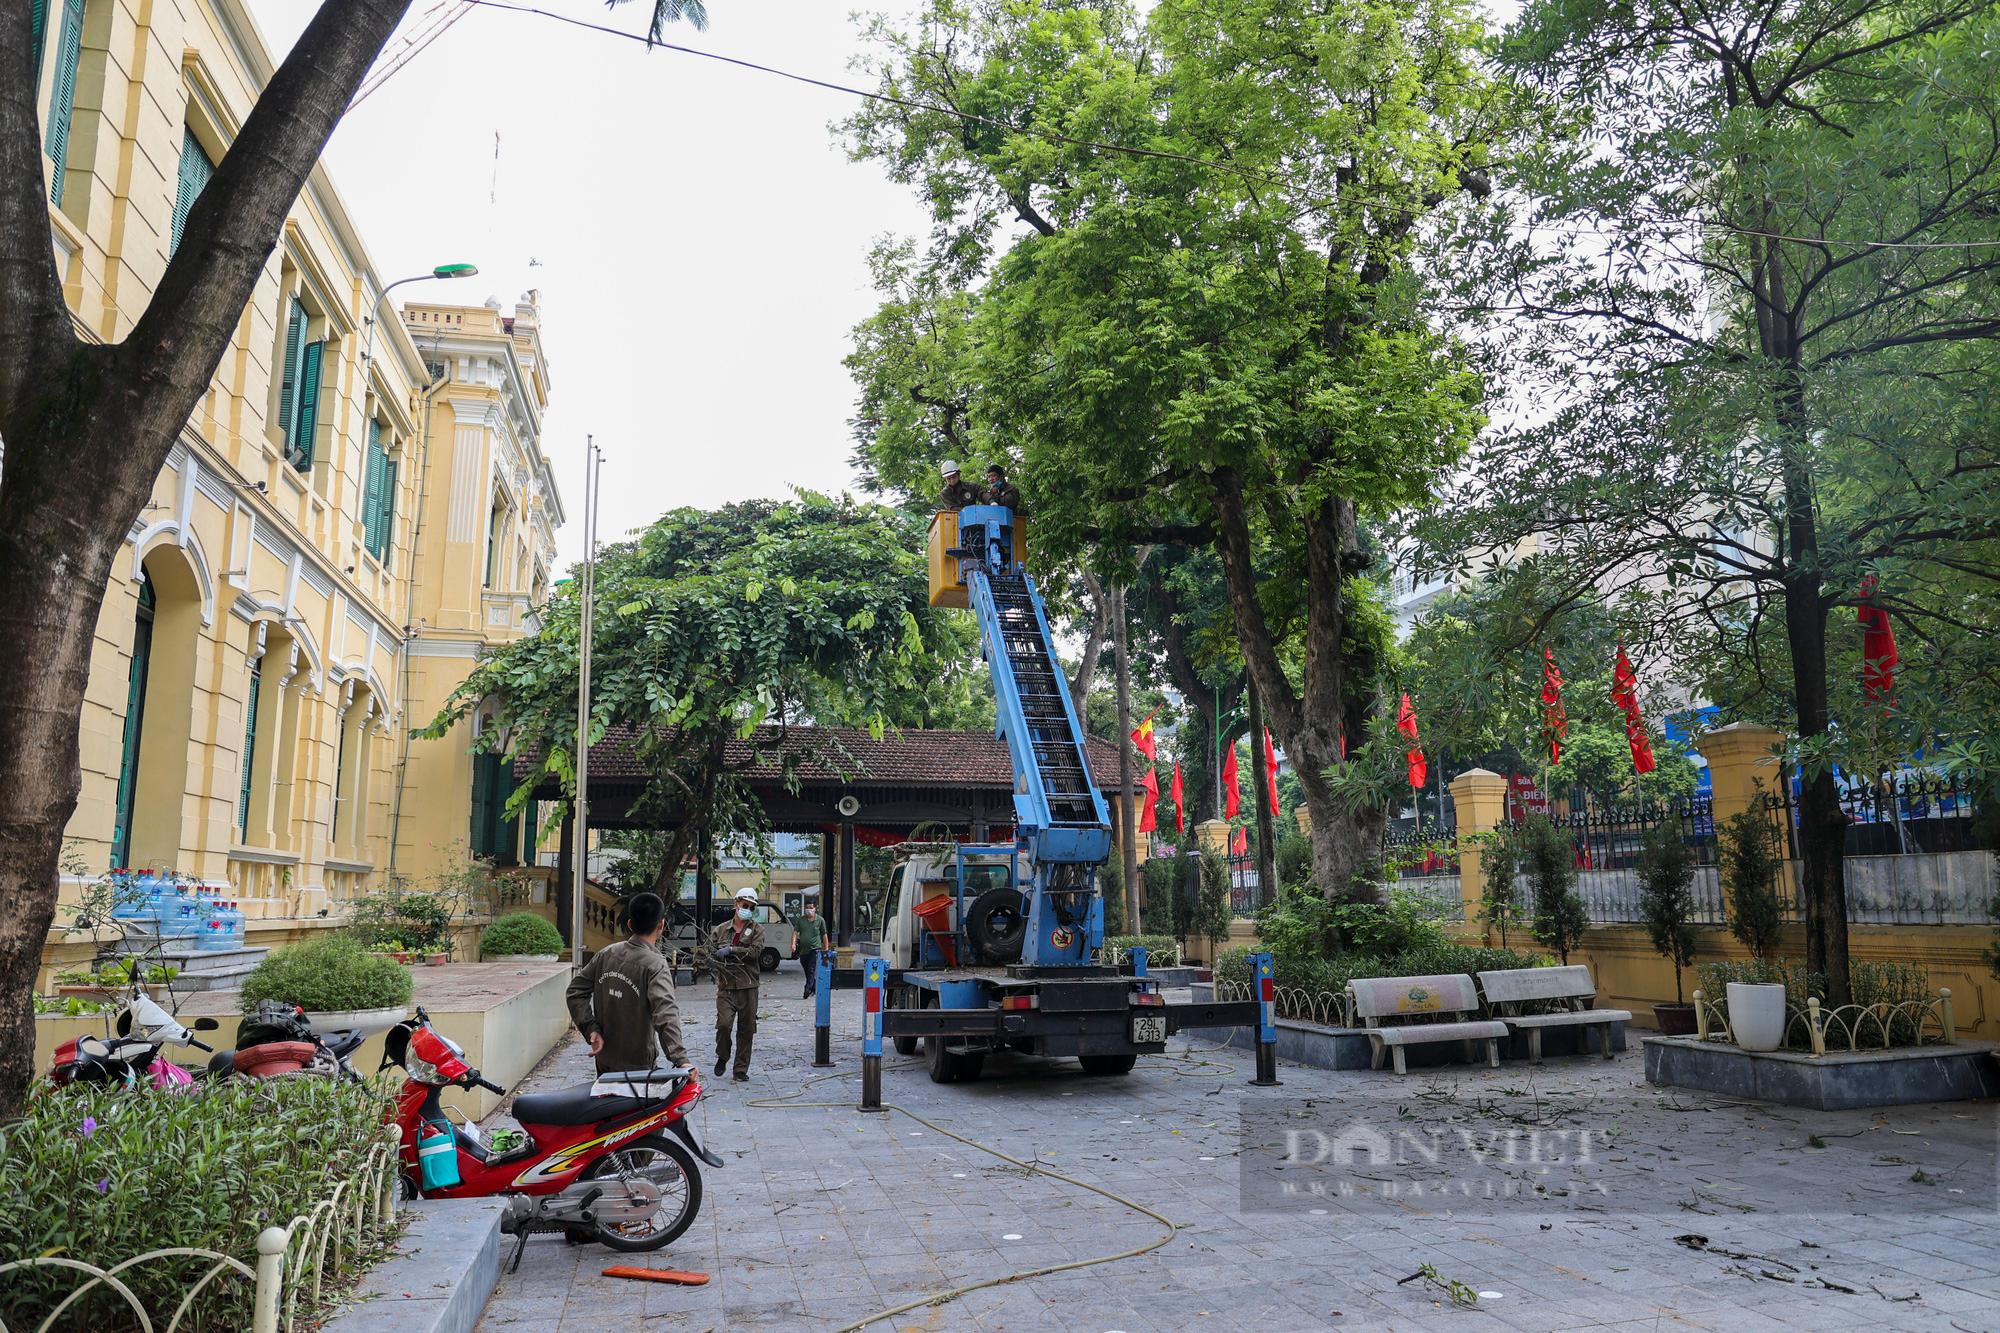 Hà Nội: Gấp rút chuẩn bị cho Lễ khai giảng online đặc biệt của Thủ đô - Ảnh 11.